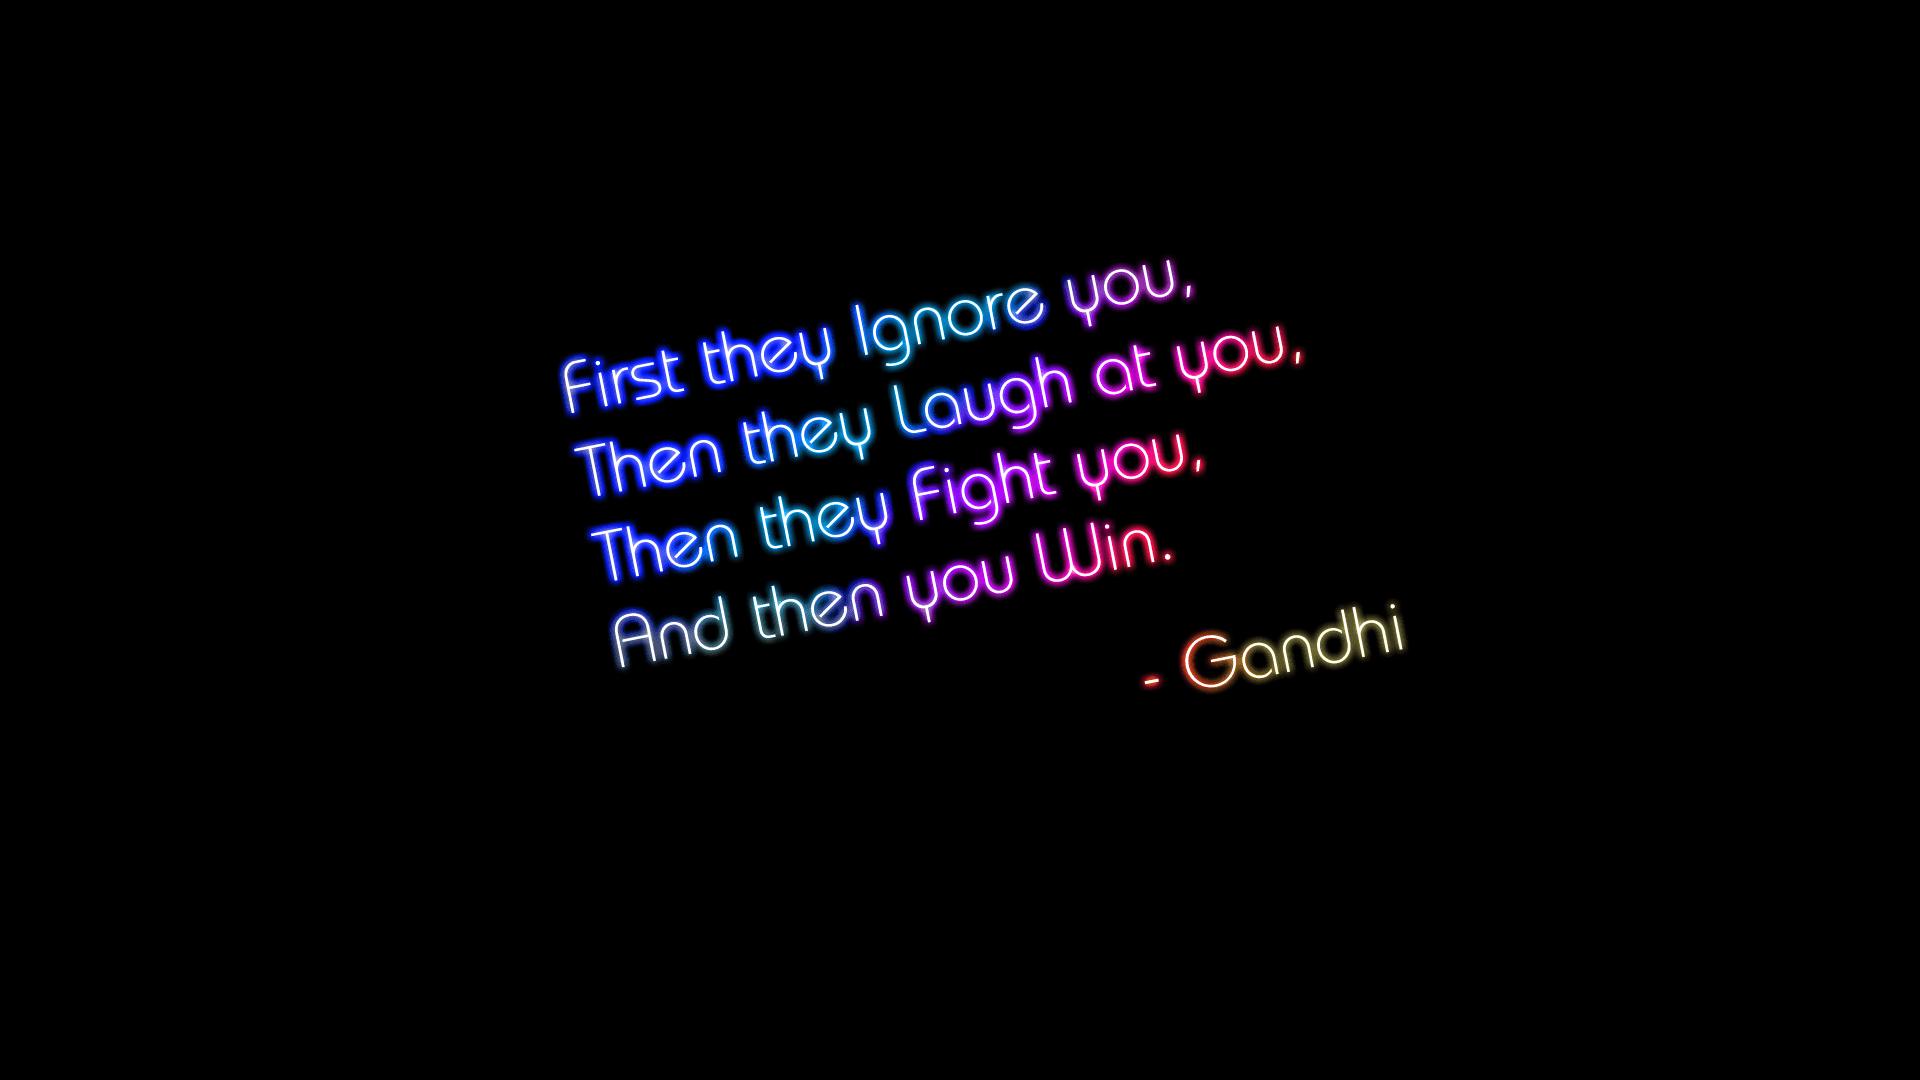 Gandhi Quote Desktop Wallpaper 62810